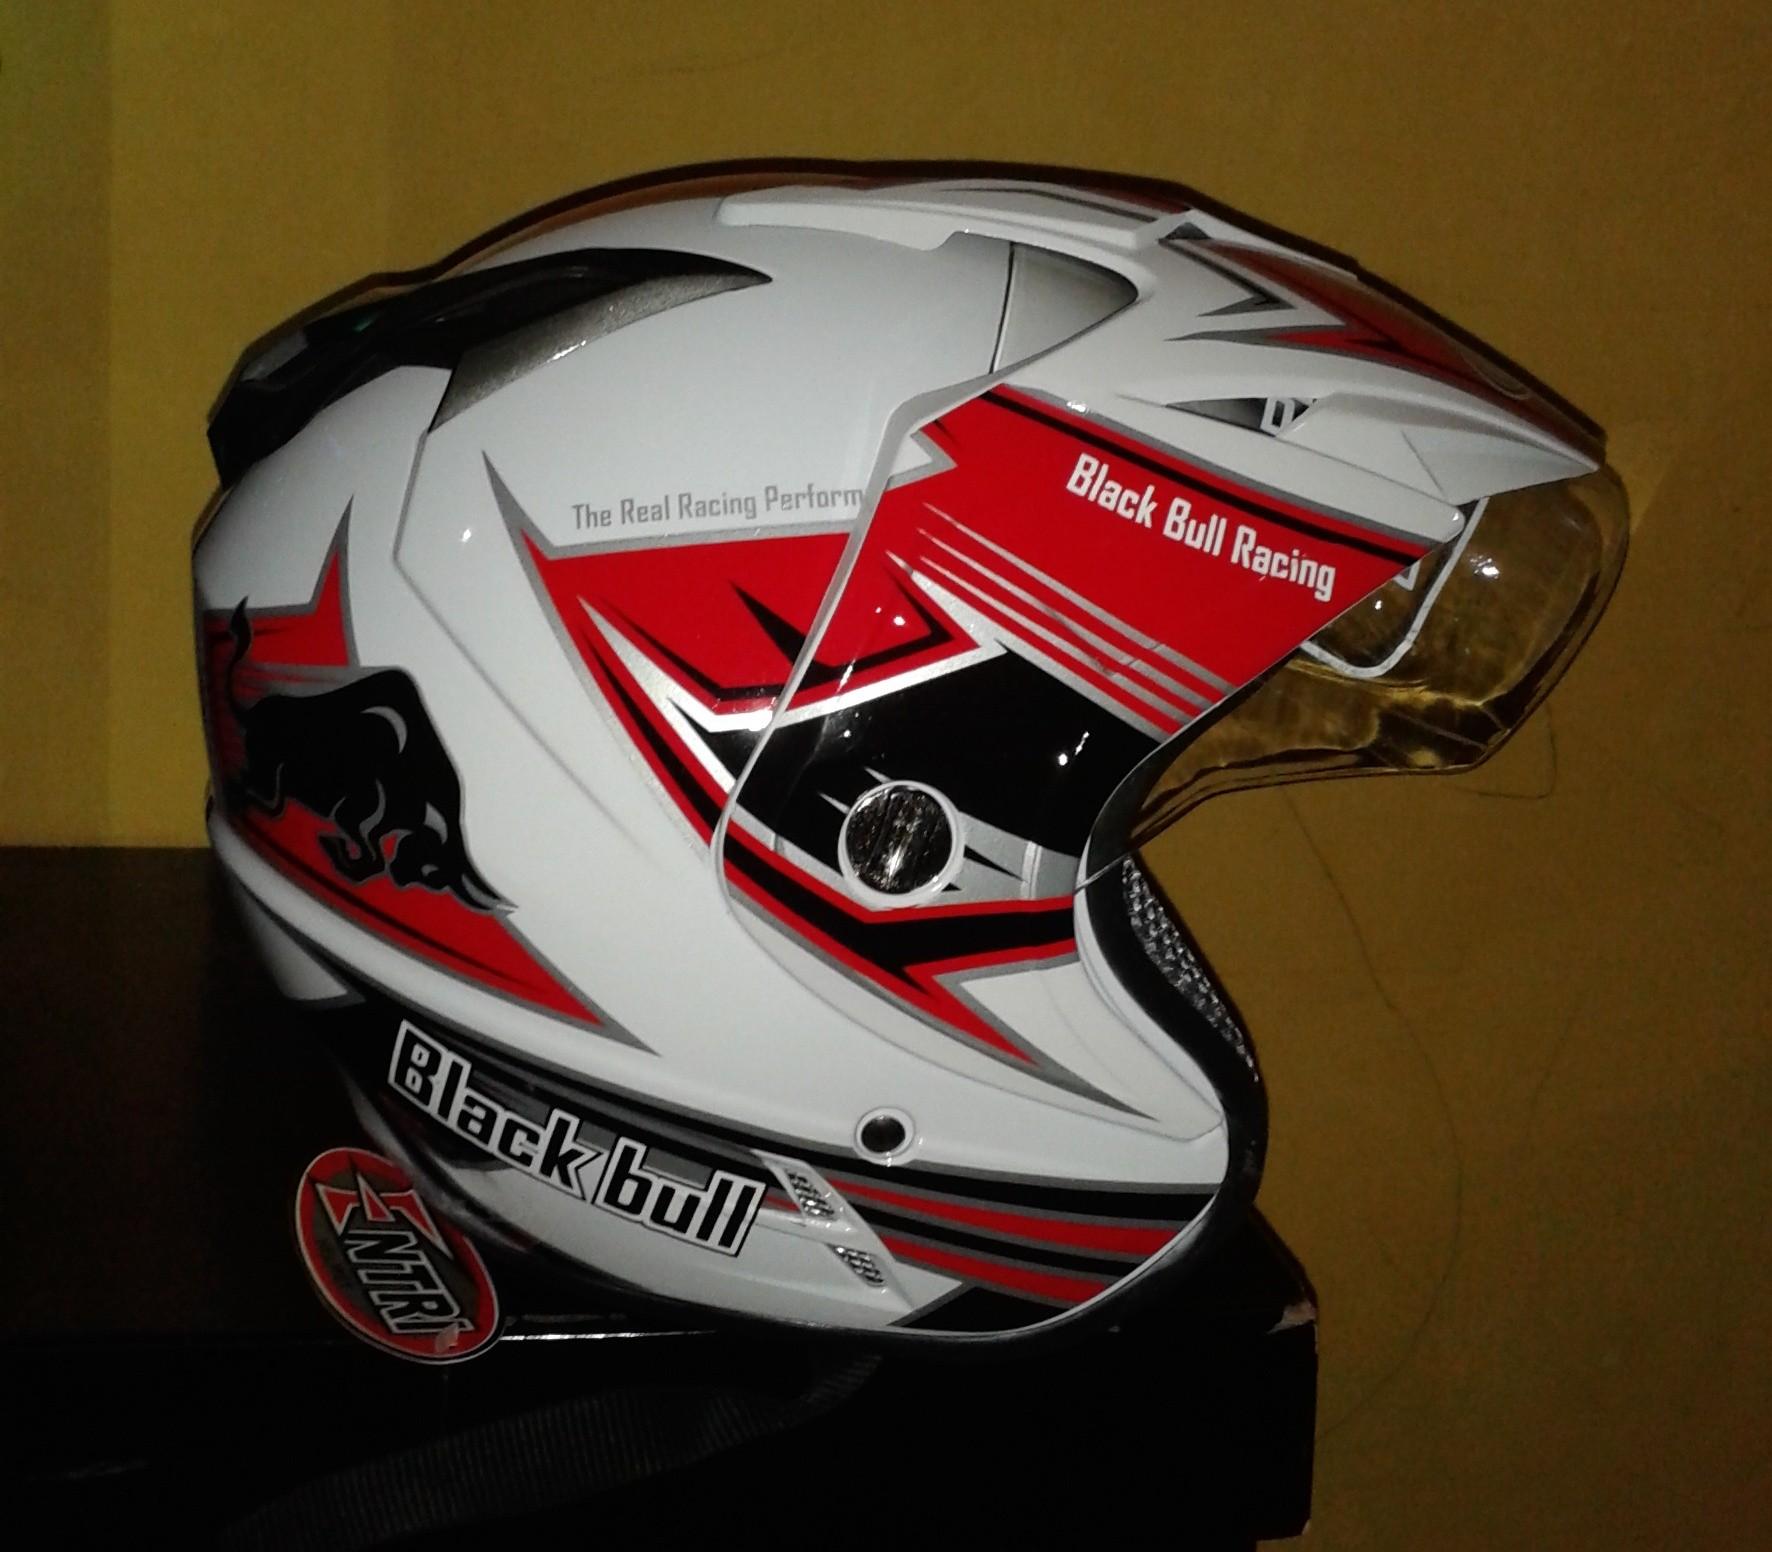 Helm Entri Jp 7 Helm Murah Dan Berkualitas Cuma 150